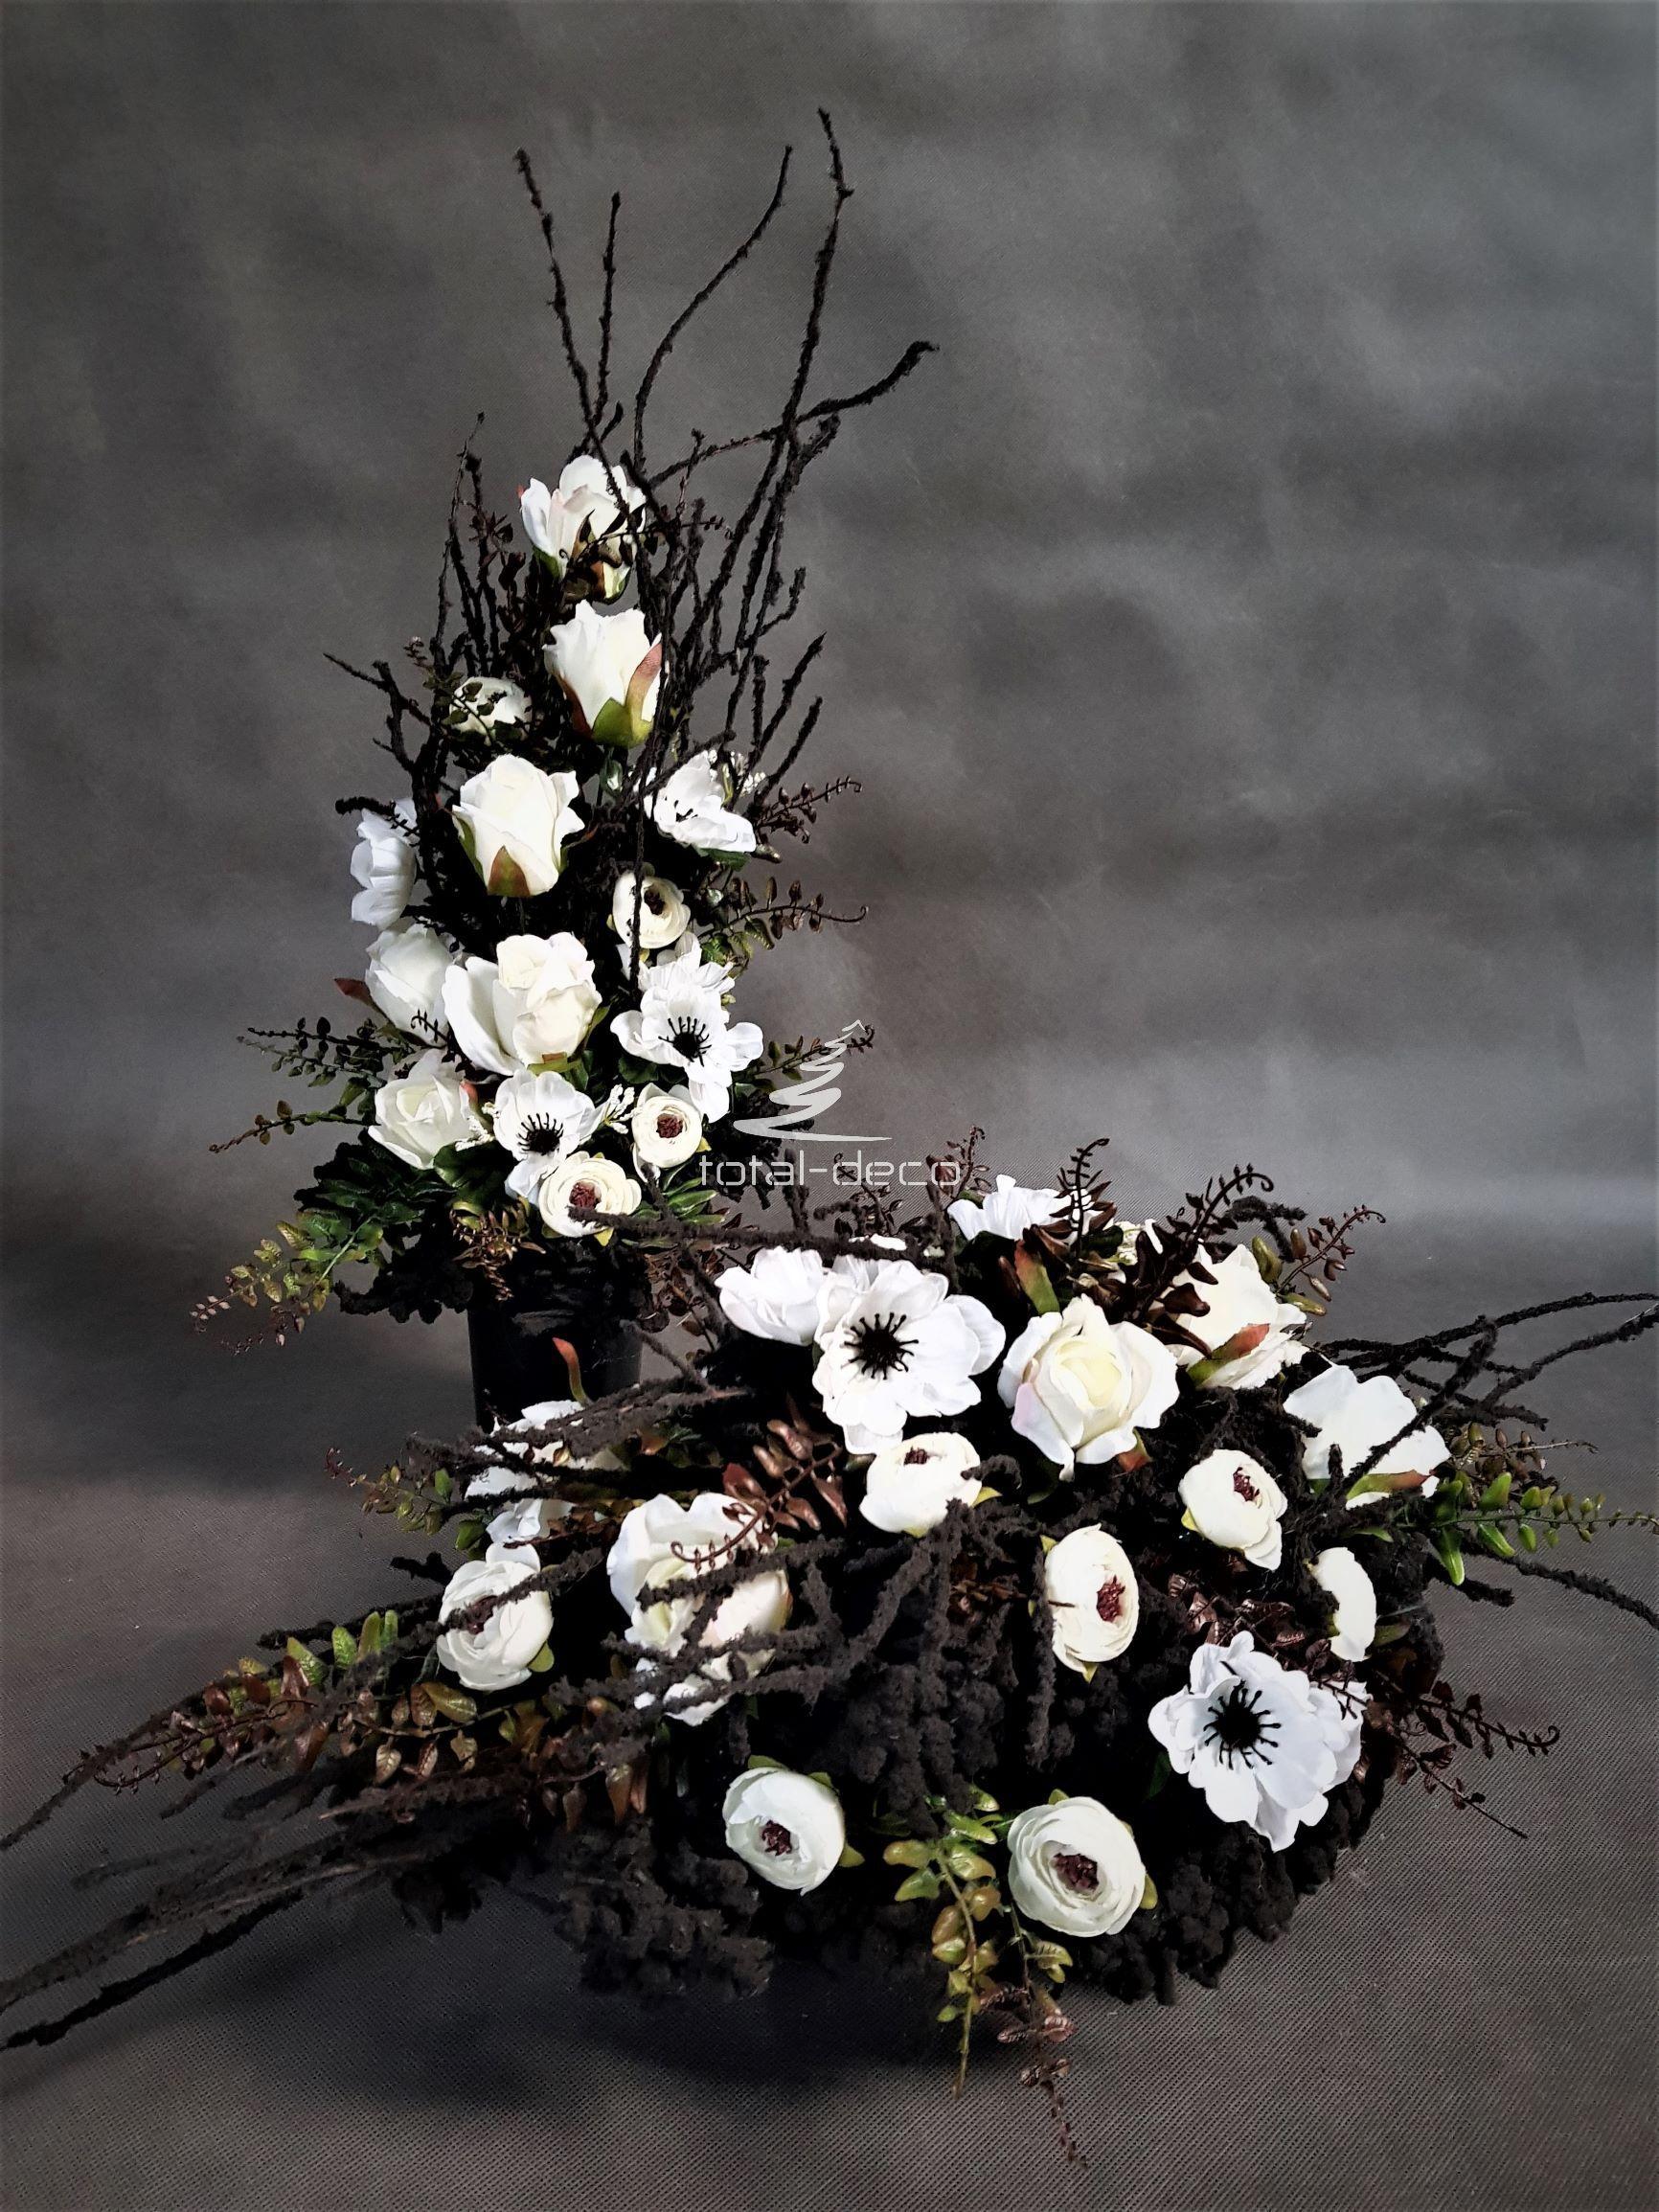 Zestaw Kompozycji Na Cmentarz Stroik Z Bukietem Do Wazonu Grave Decorations Flower Arrangements Flowers